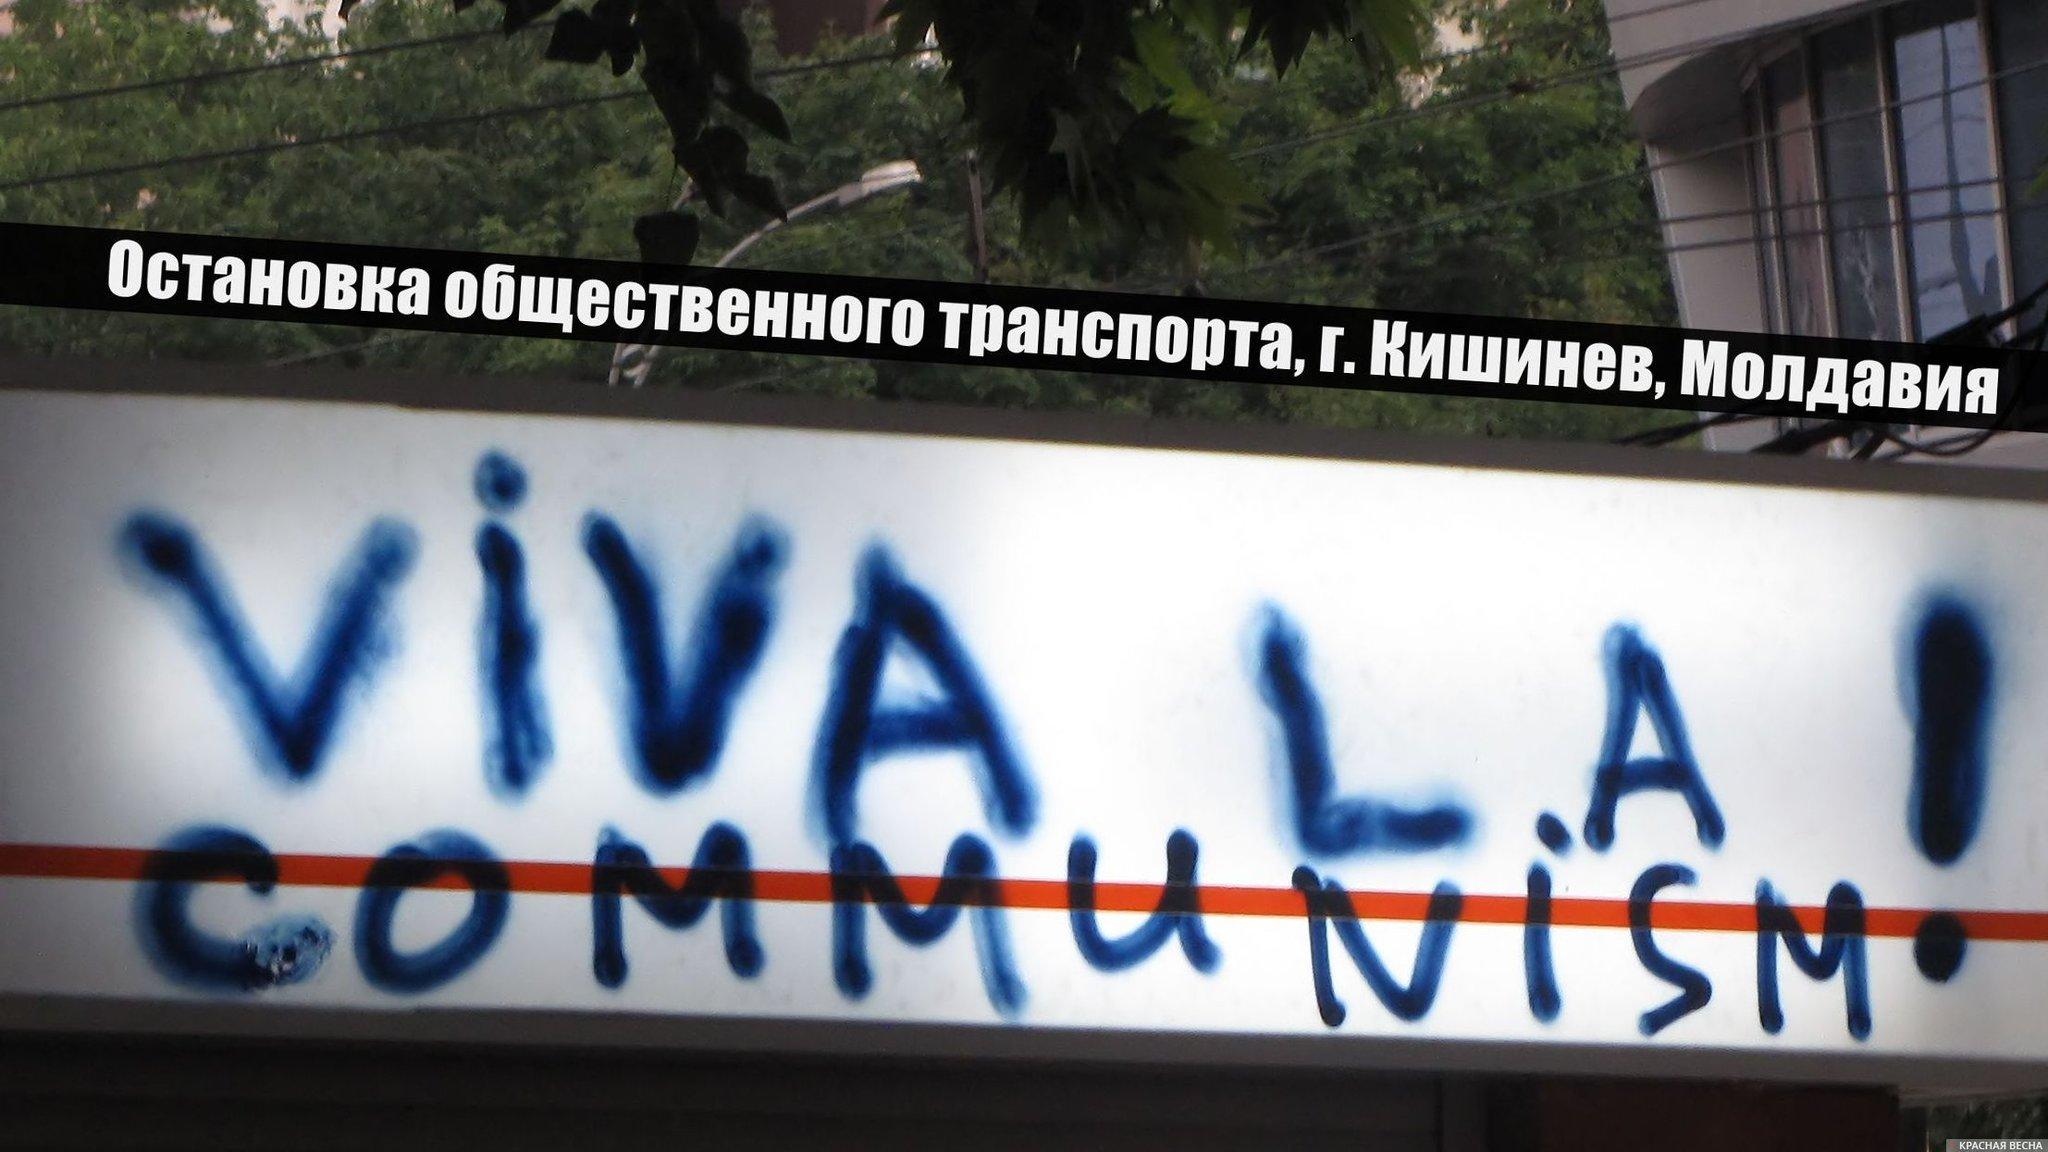 20 лет без СССР. Надпись на остановке (Кишинёв, Молдавия)